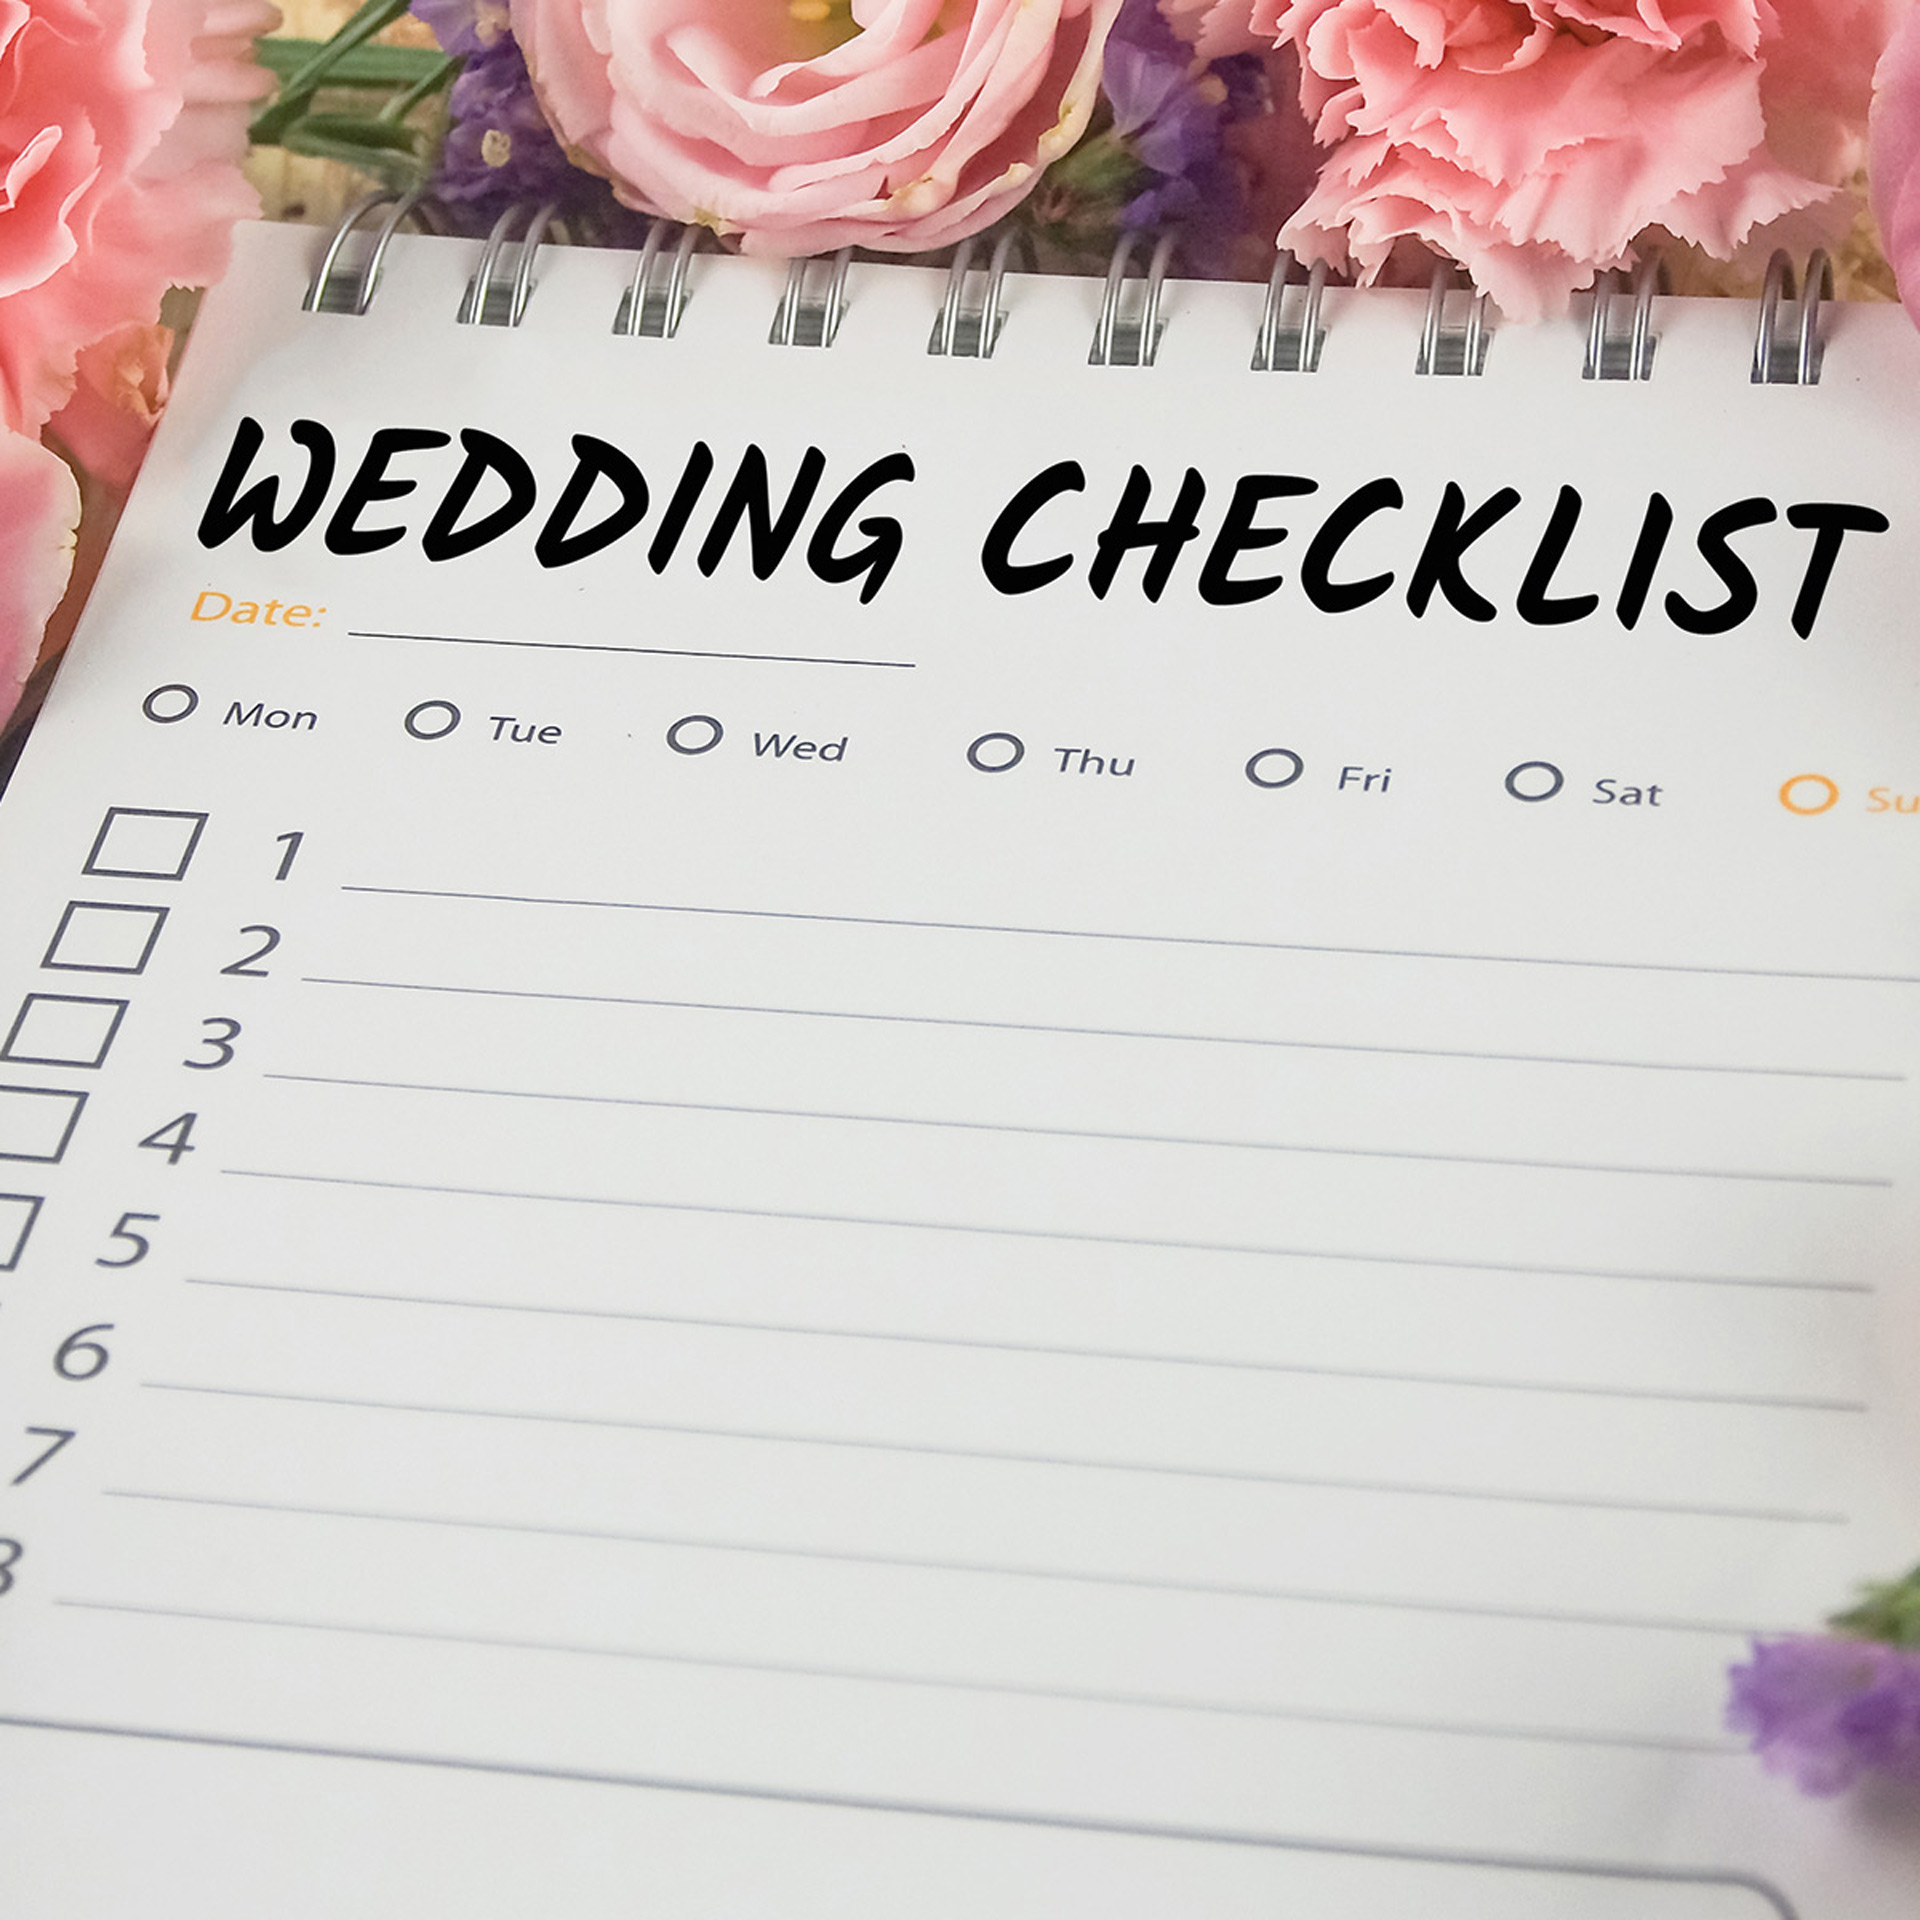 sterenn_ceremonie_laique_wedding_check_list